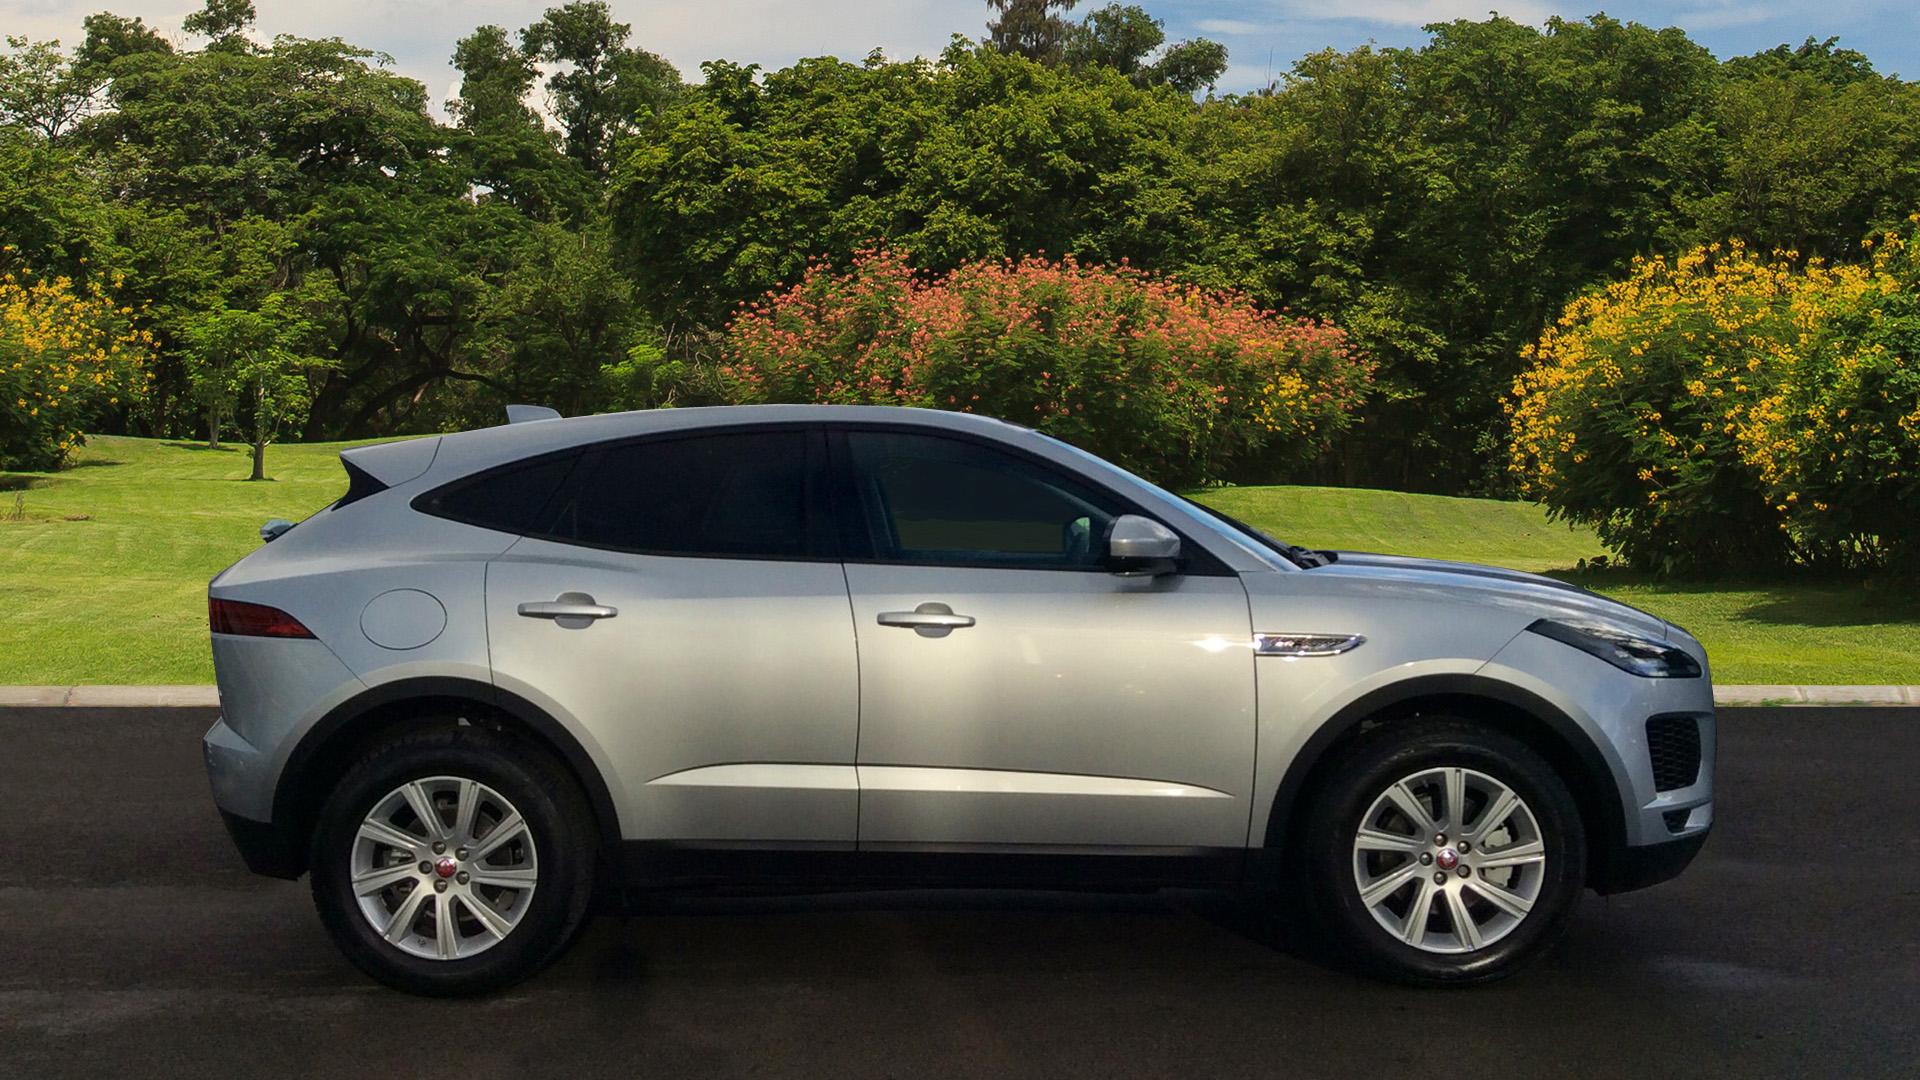 Used Jaguar E Pace 2 0D S 5Dr Auto Diesel Estate for Sale